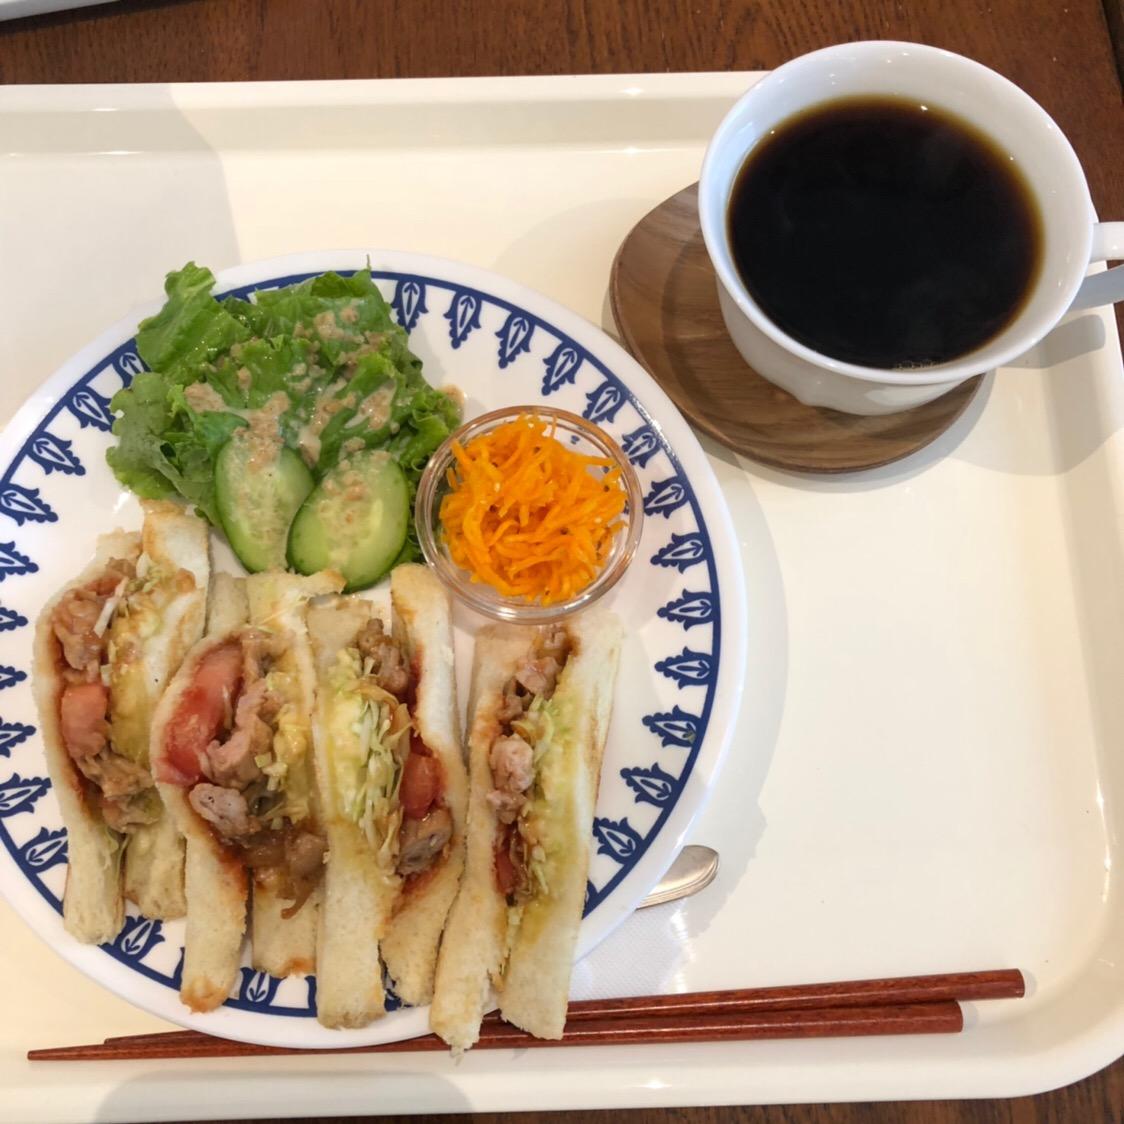 大阪市 平野区 喫茶やぶでのランチ〜カレーランチ、サンドイッチランチとティラミスをいただく〜